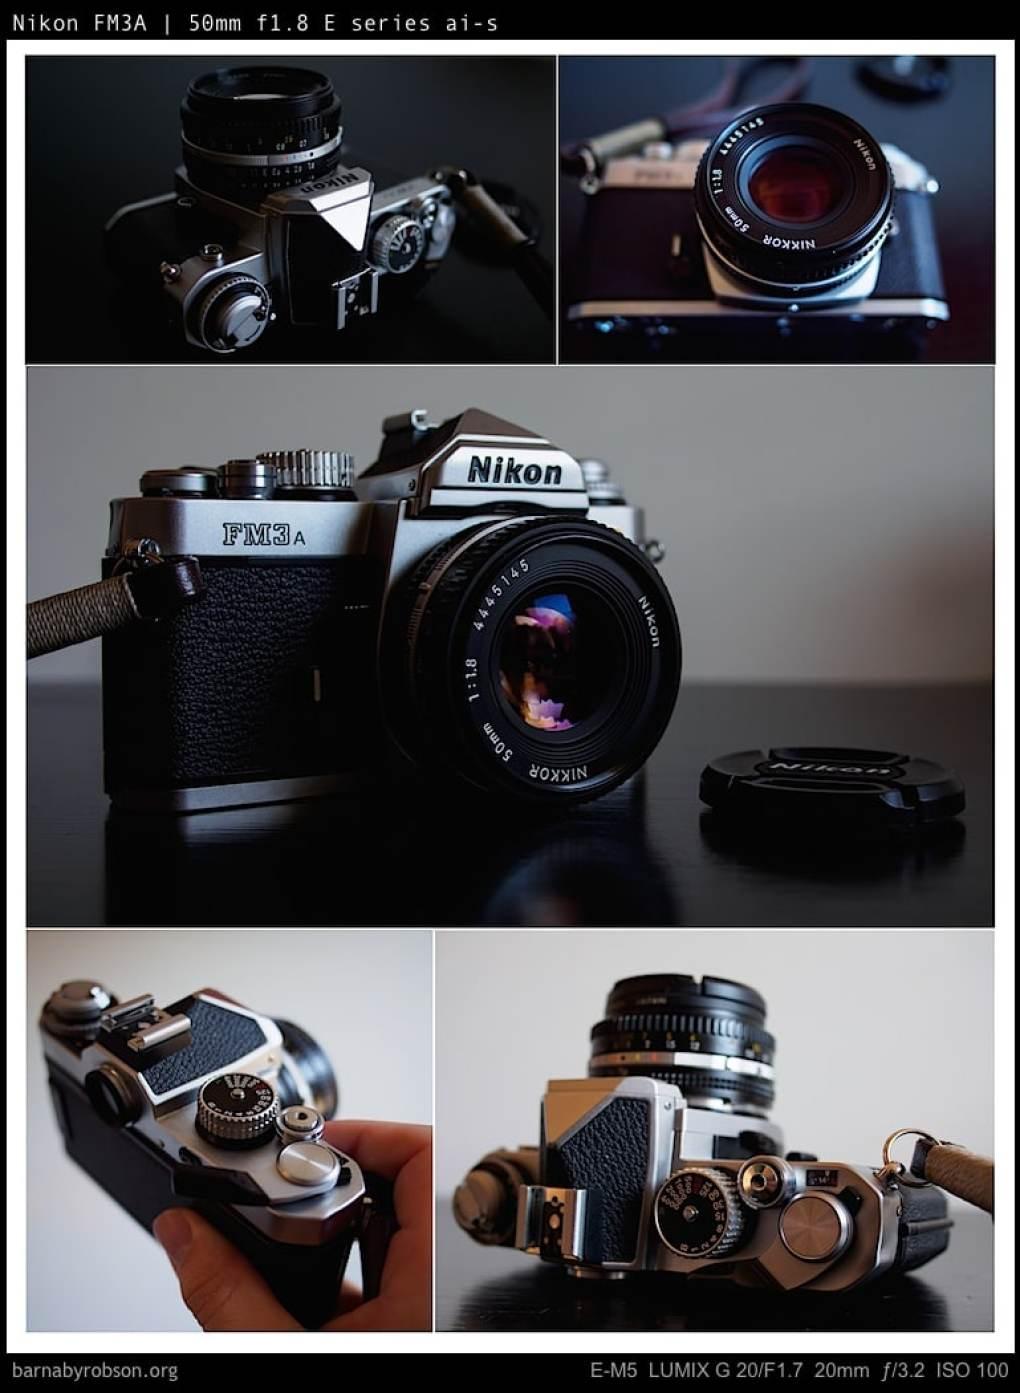 Nikon FM3A camera porn